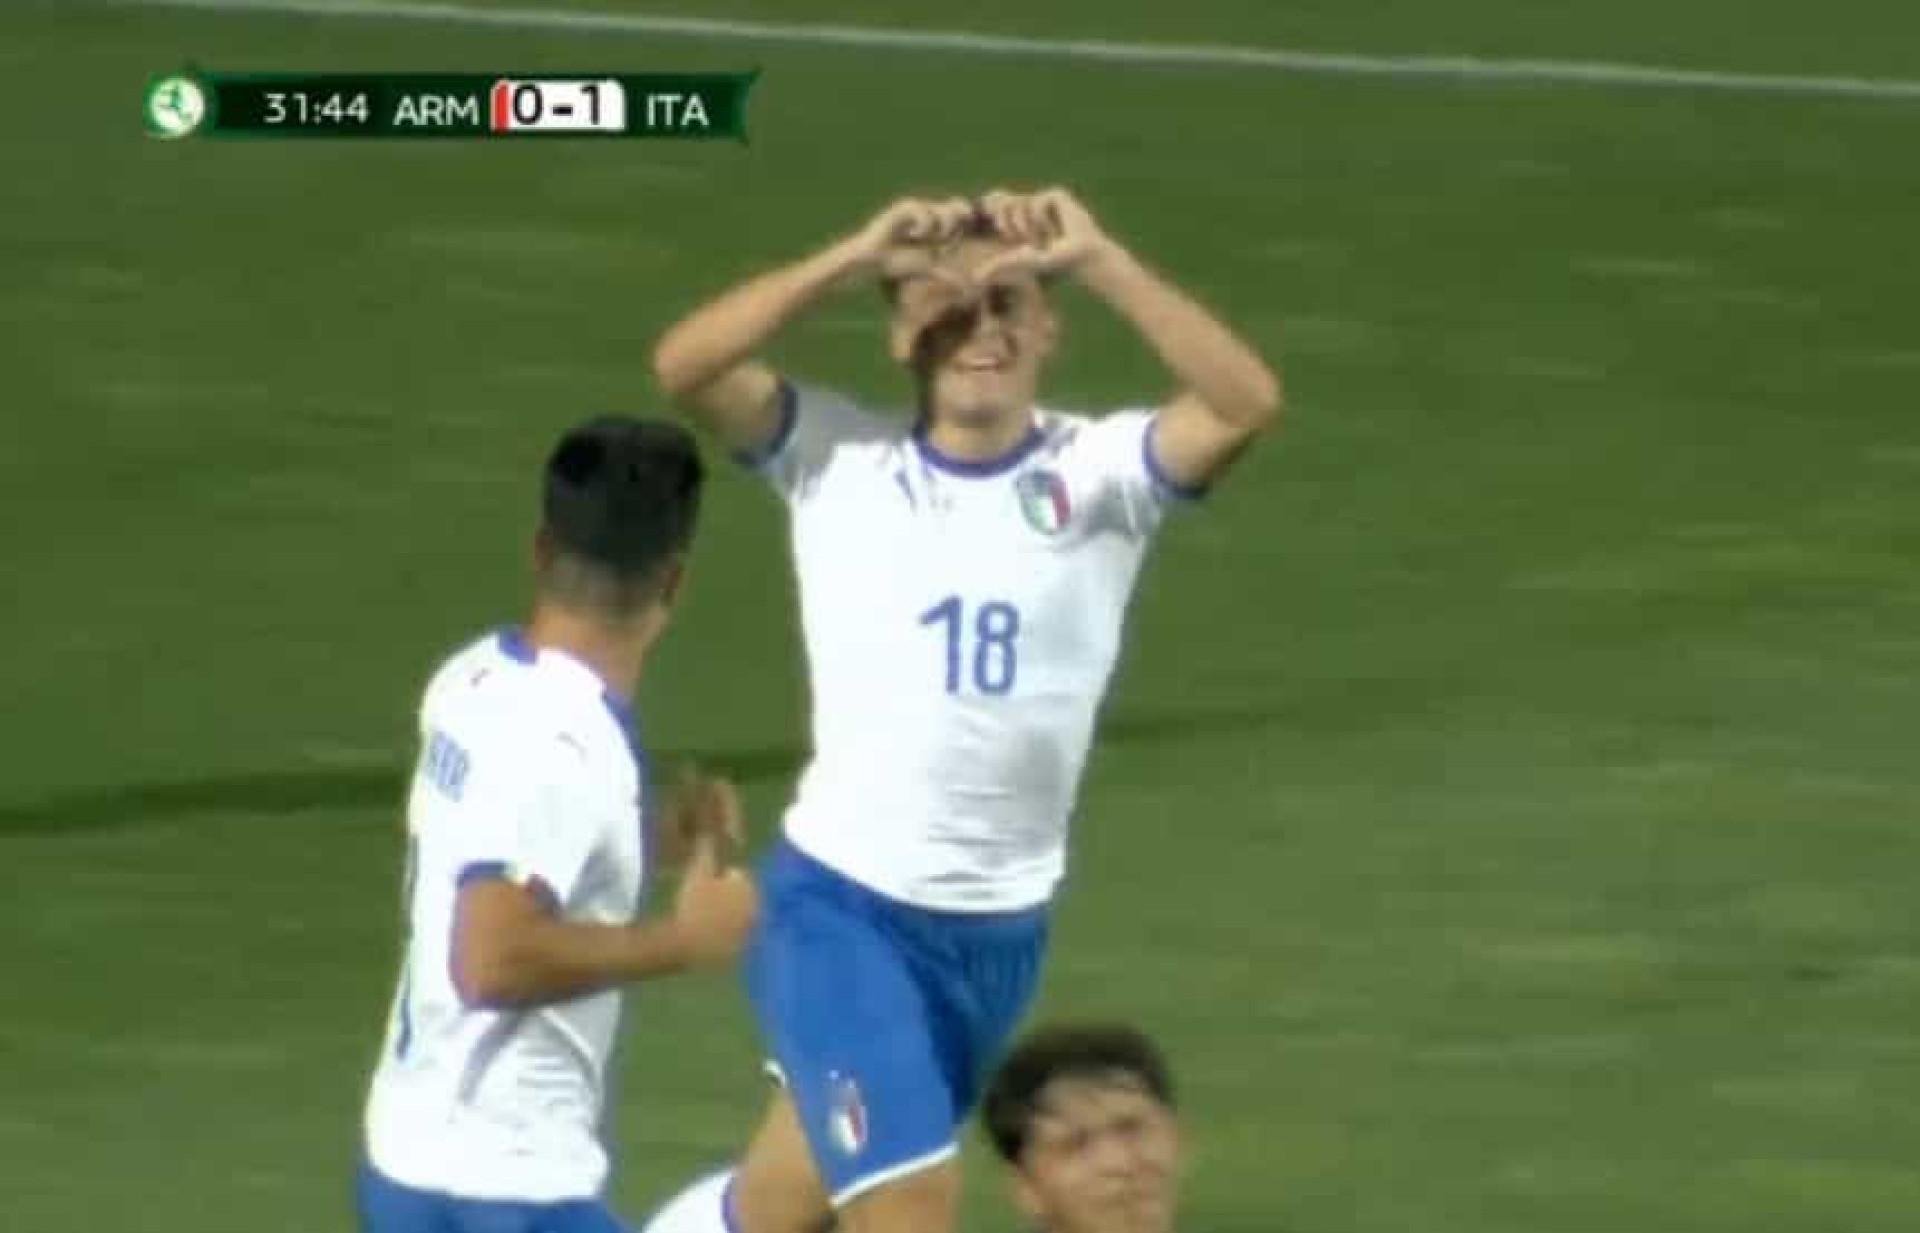 Calcanhar 'mágico' de Merola é candidato a golo do Euro de sub-19